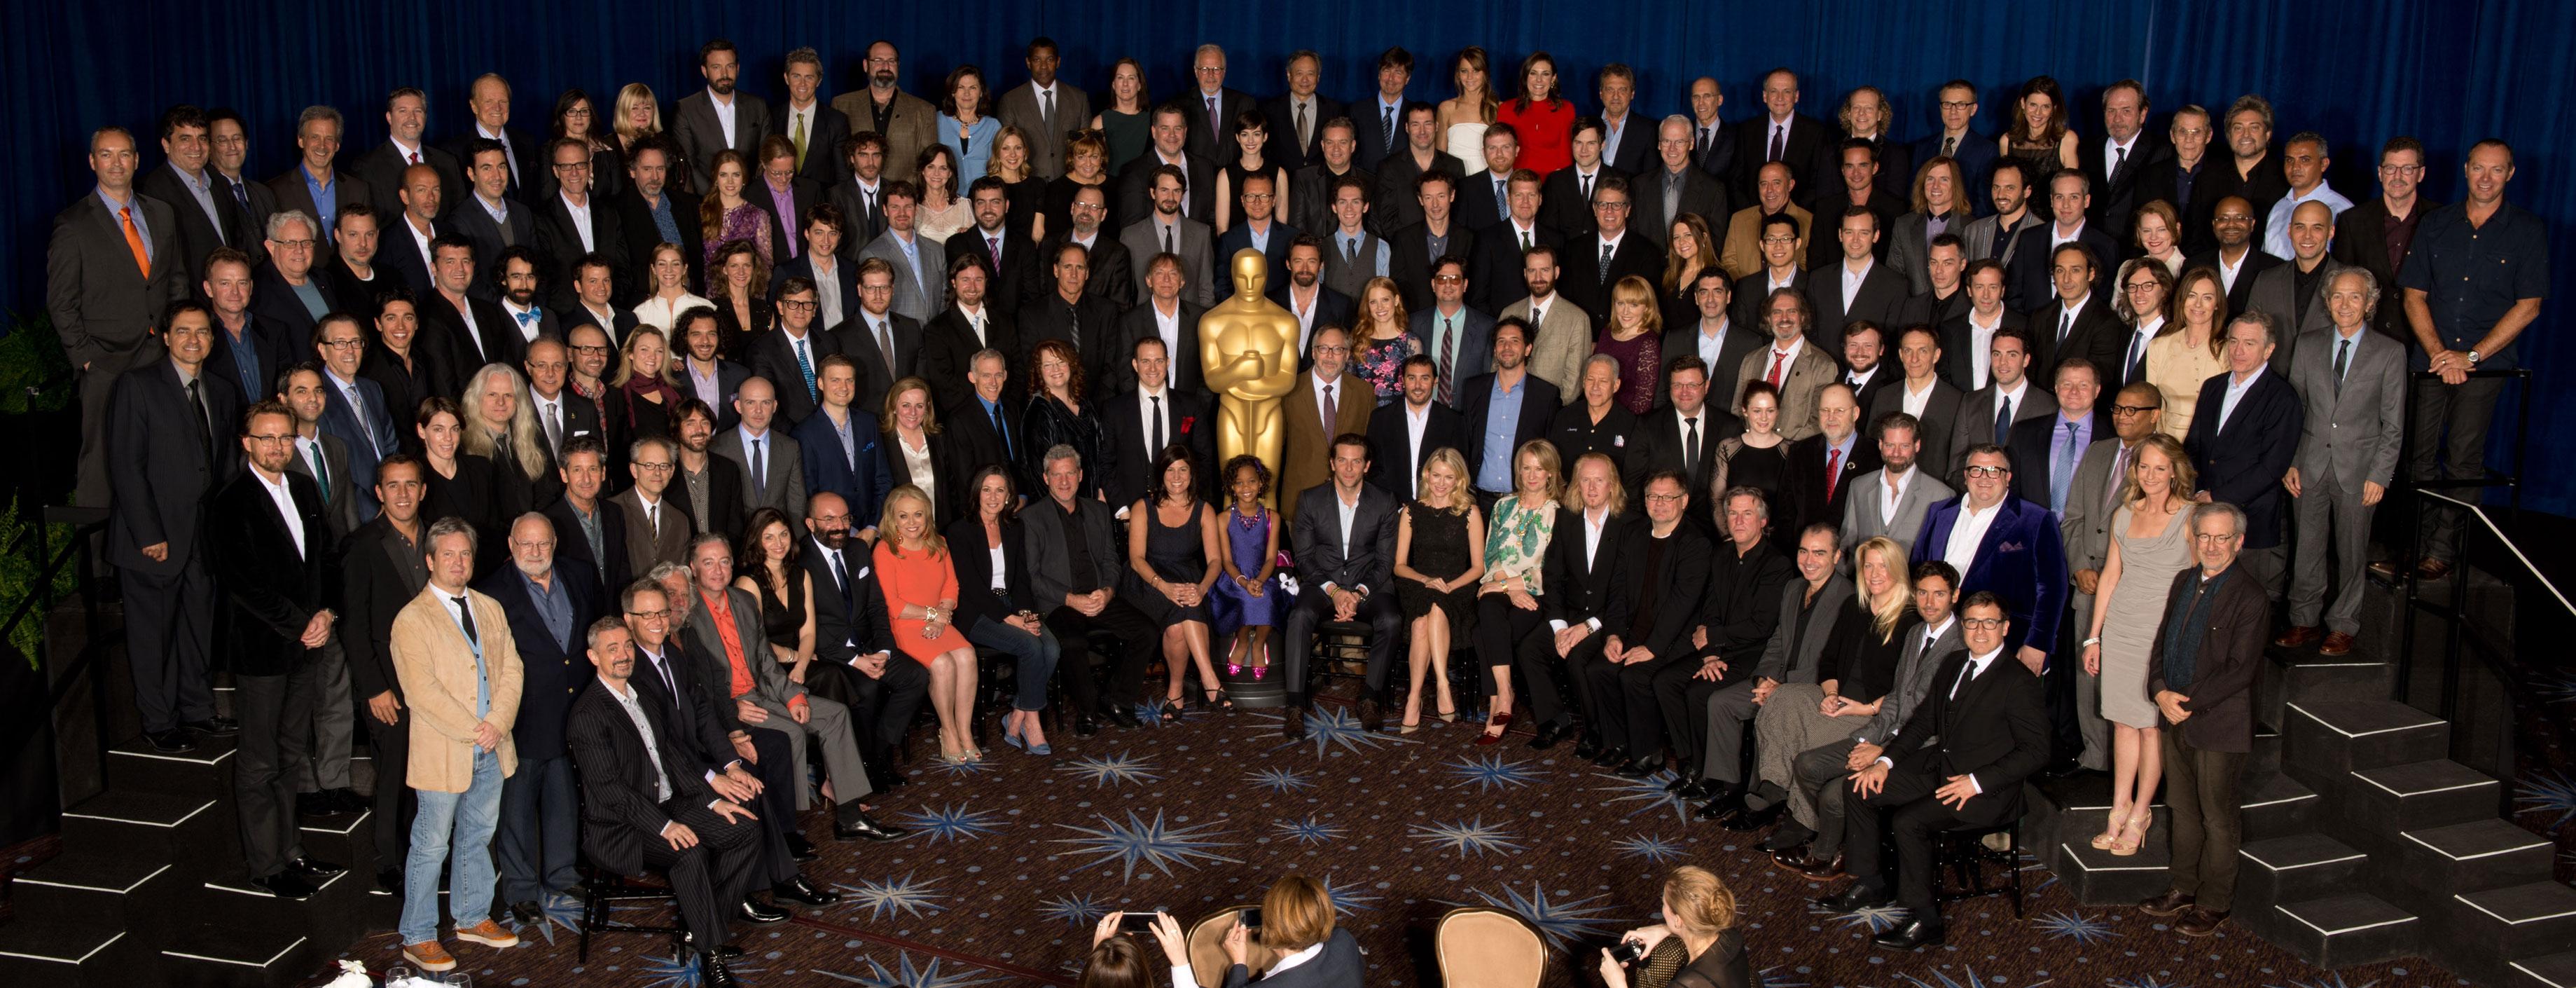 PREMIOS >> The Oscars 2013 (Ganadores Pág. 4) - Página 3 ConexionOscar2013Almuerzonominados